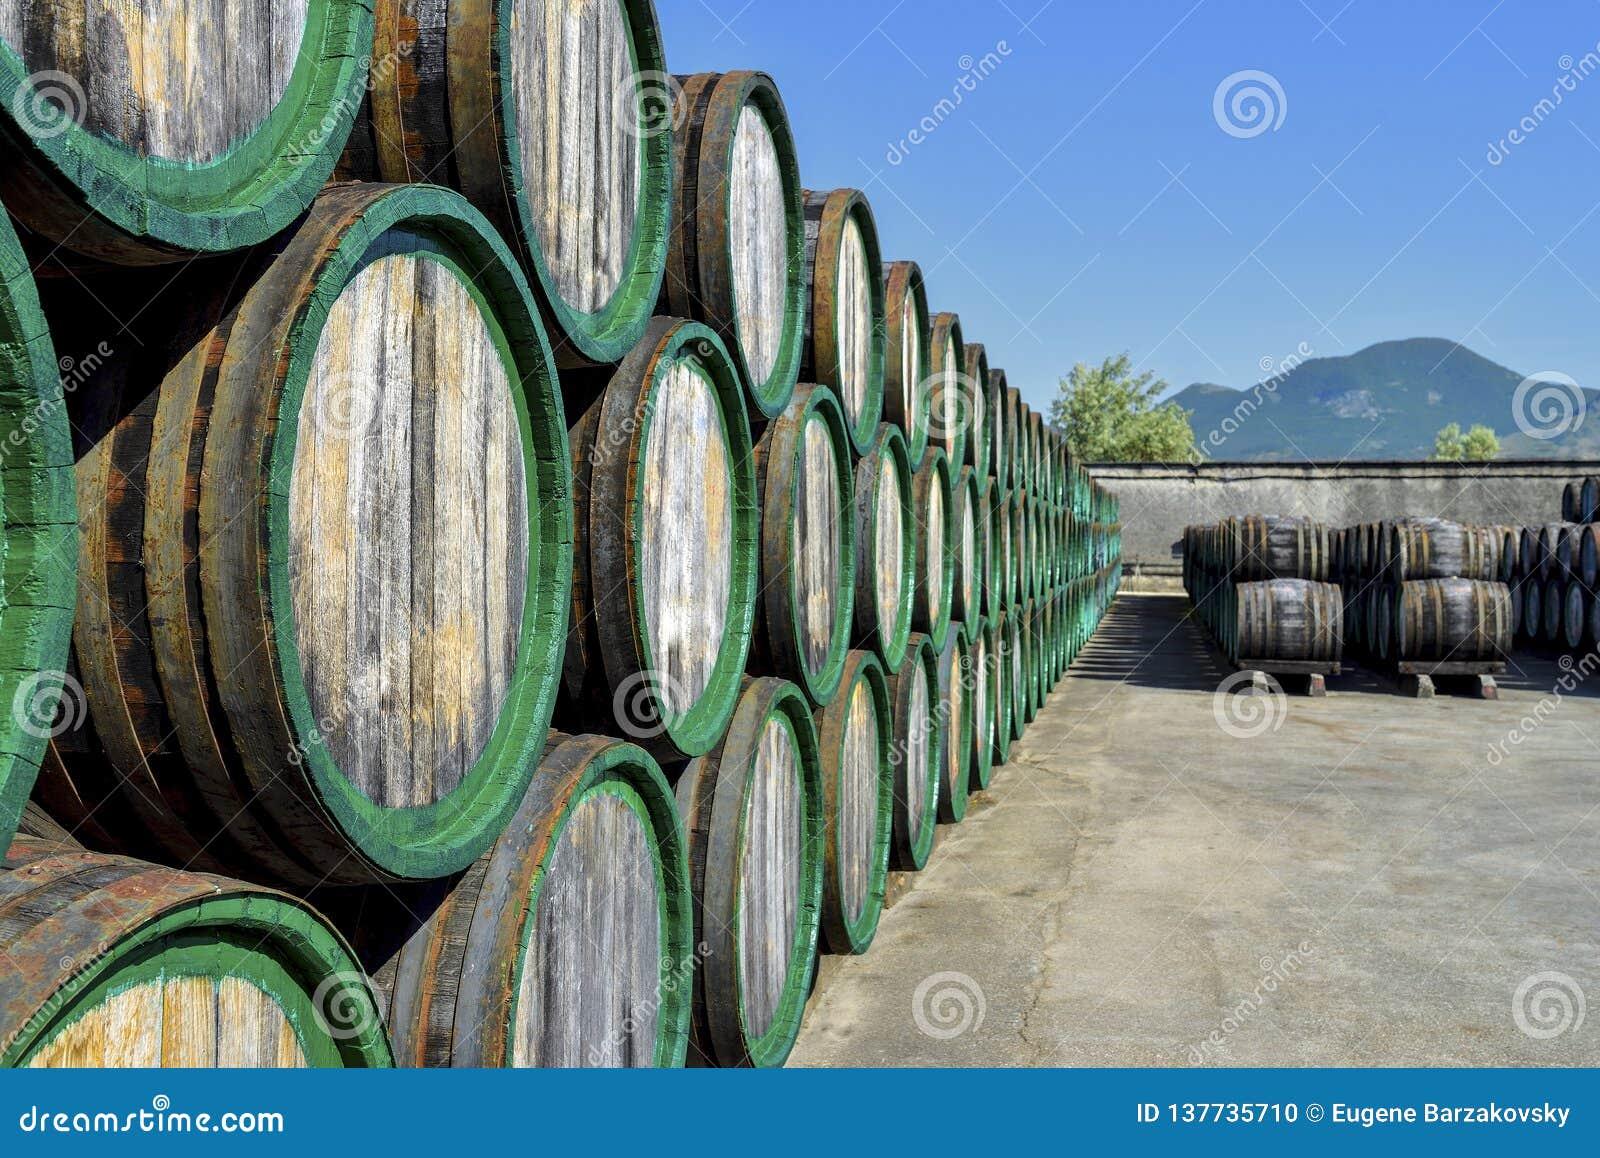 Vieux barils de vin en bois empilés en air ouvert